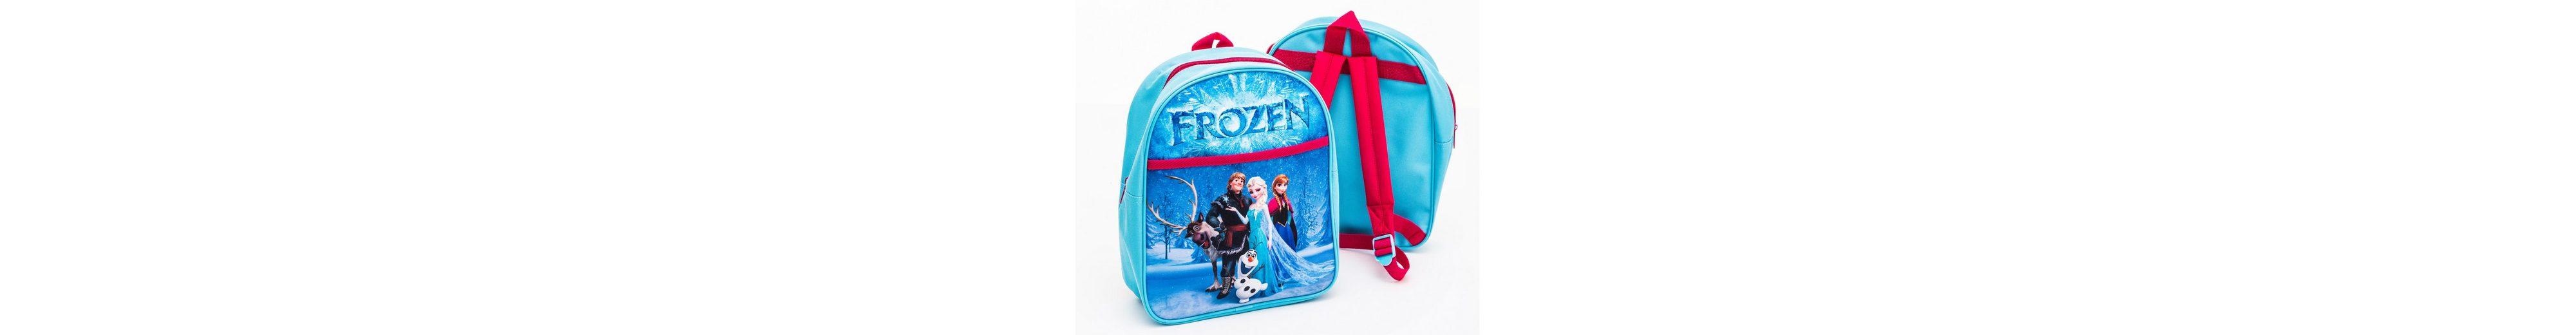 JOY TOY Kinderrucksack, »Disney's Frozen Rucksack - Die Eiskönigin«